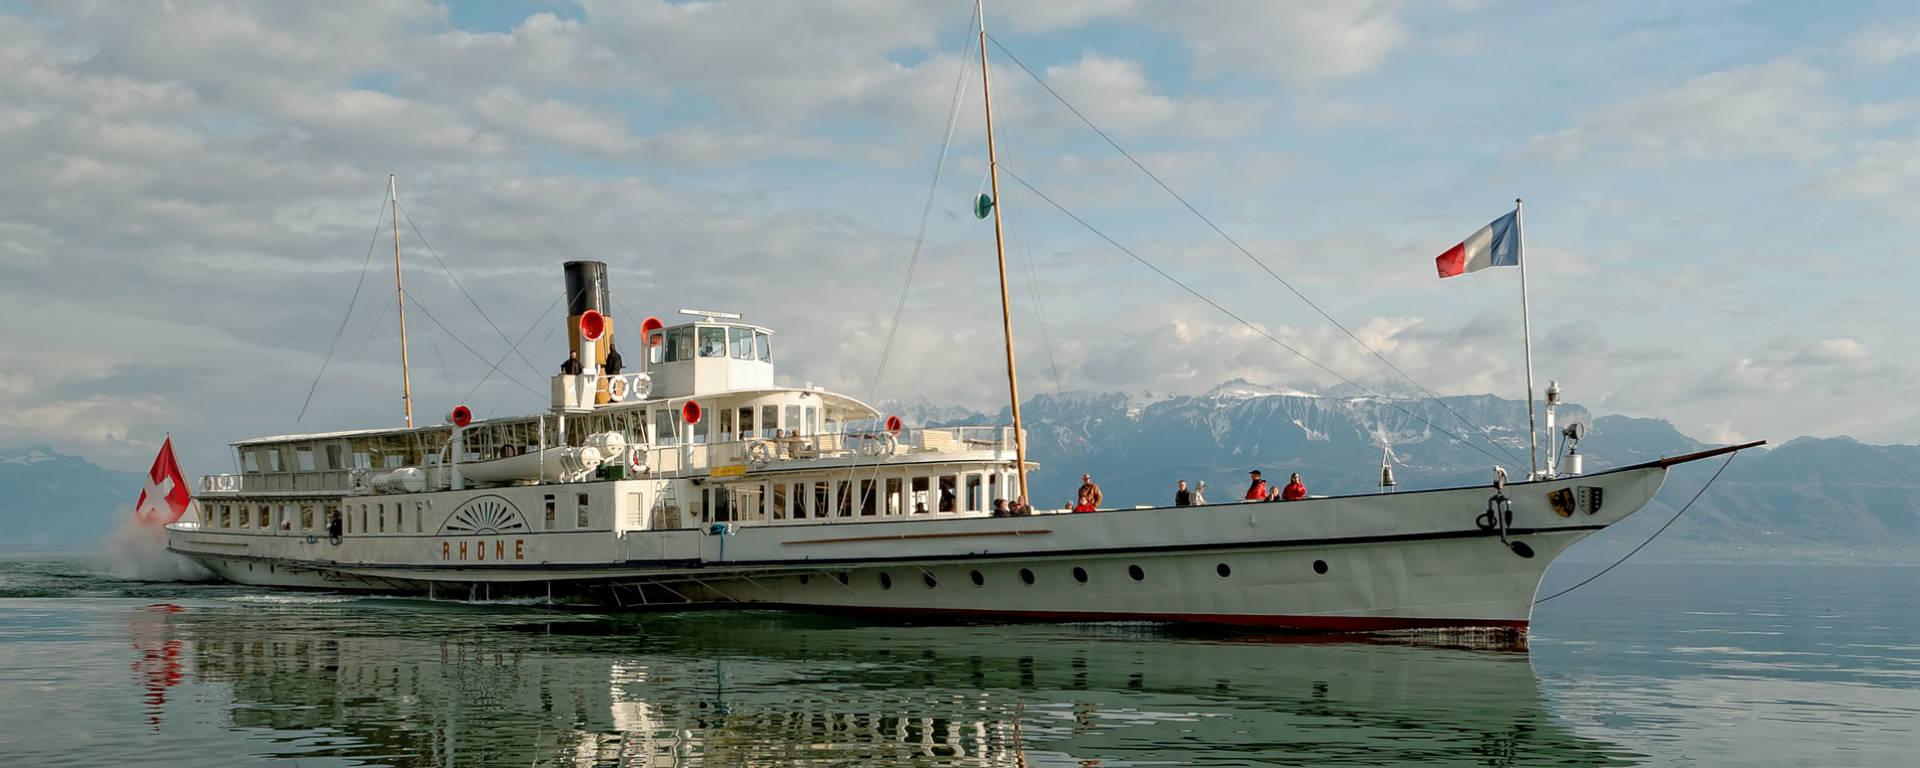 Bateau CGN, lac Léman, Suisse